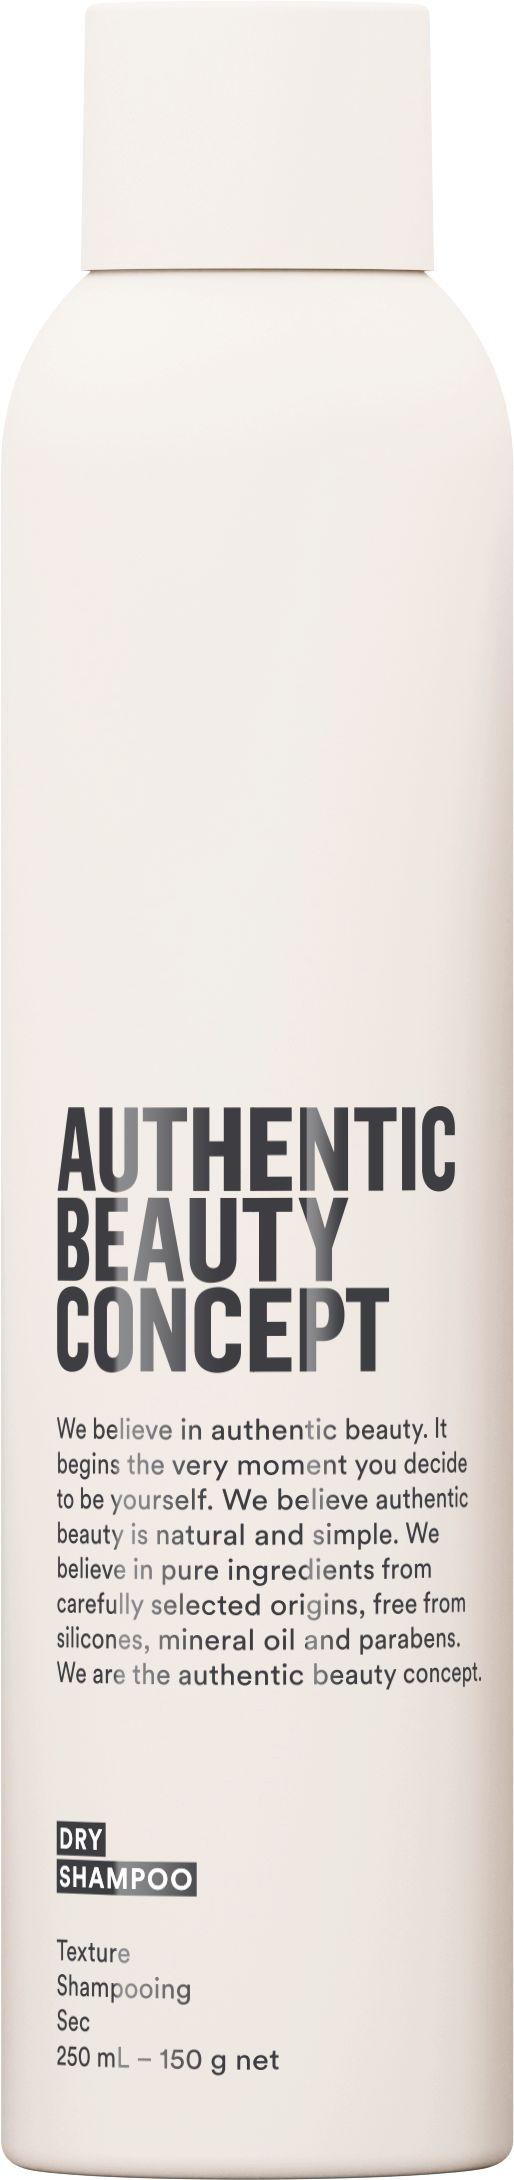 Authentic Beauty Concept Dry Shampoo Suchy Szampon Teksturyzujący 250ml